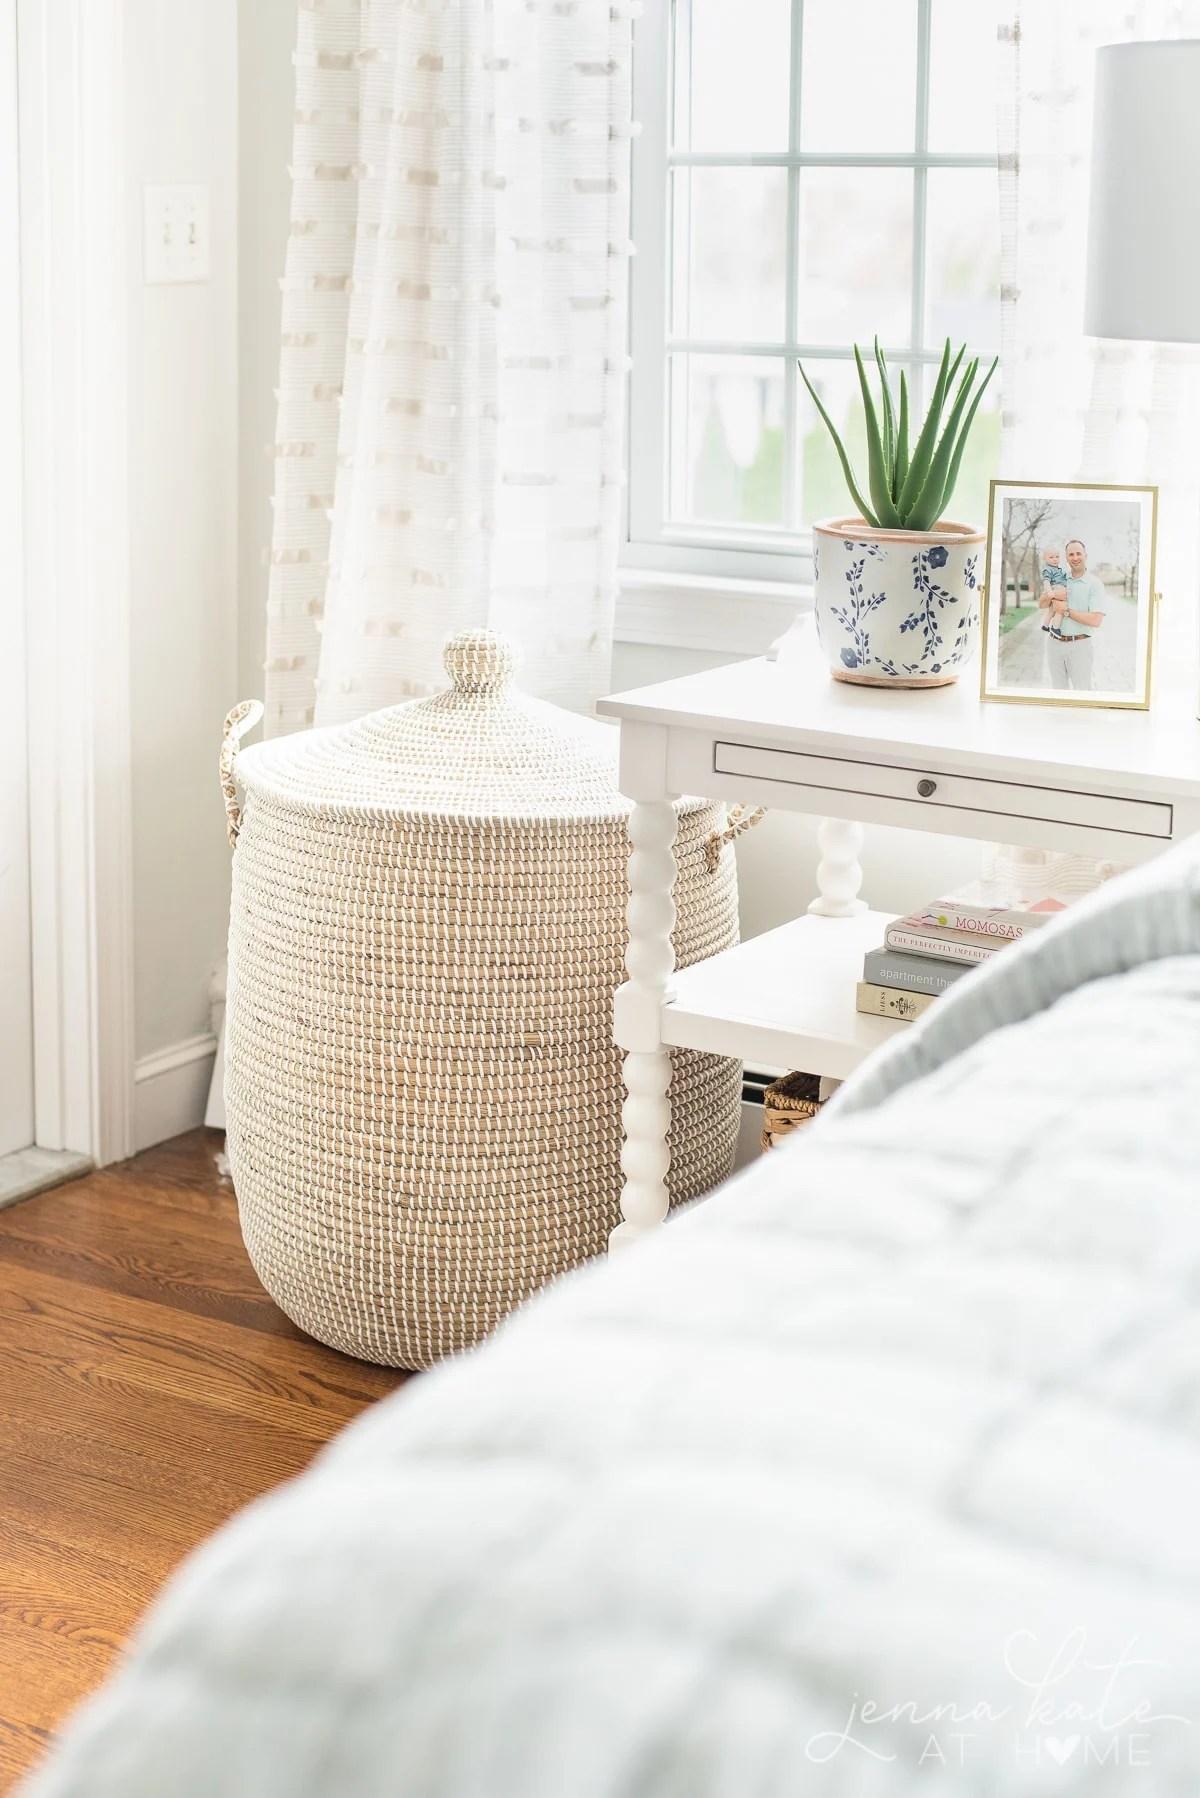 rattan linen basket in the corner of a bedroom